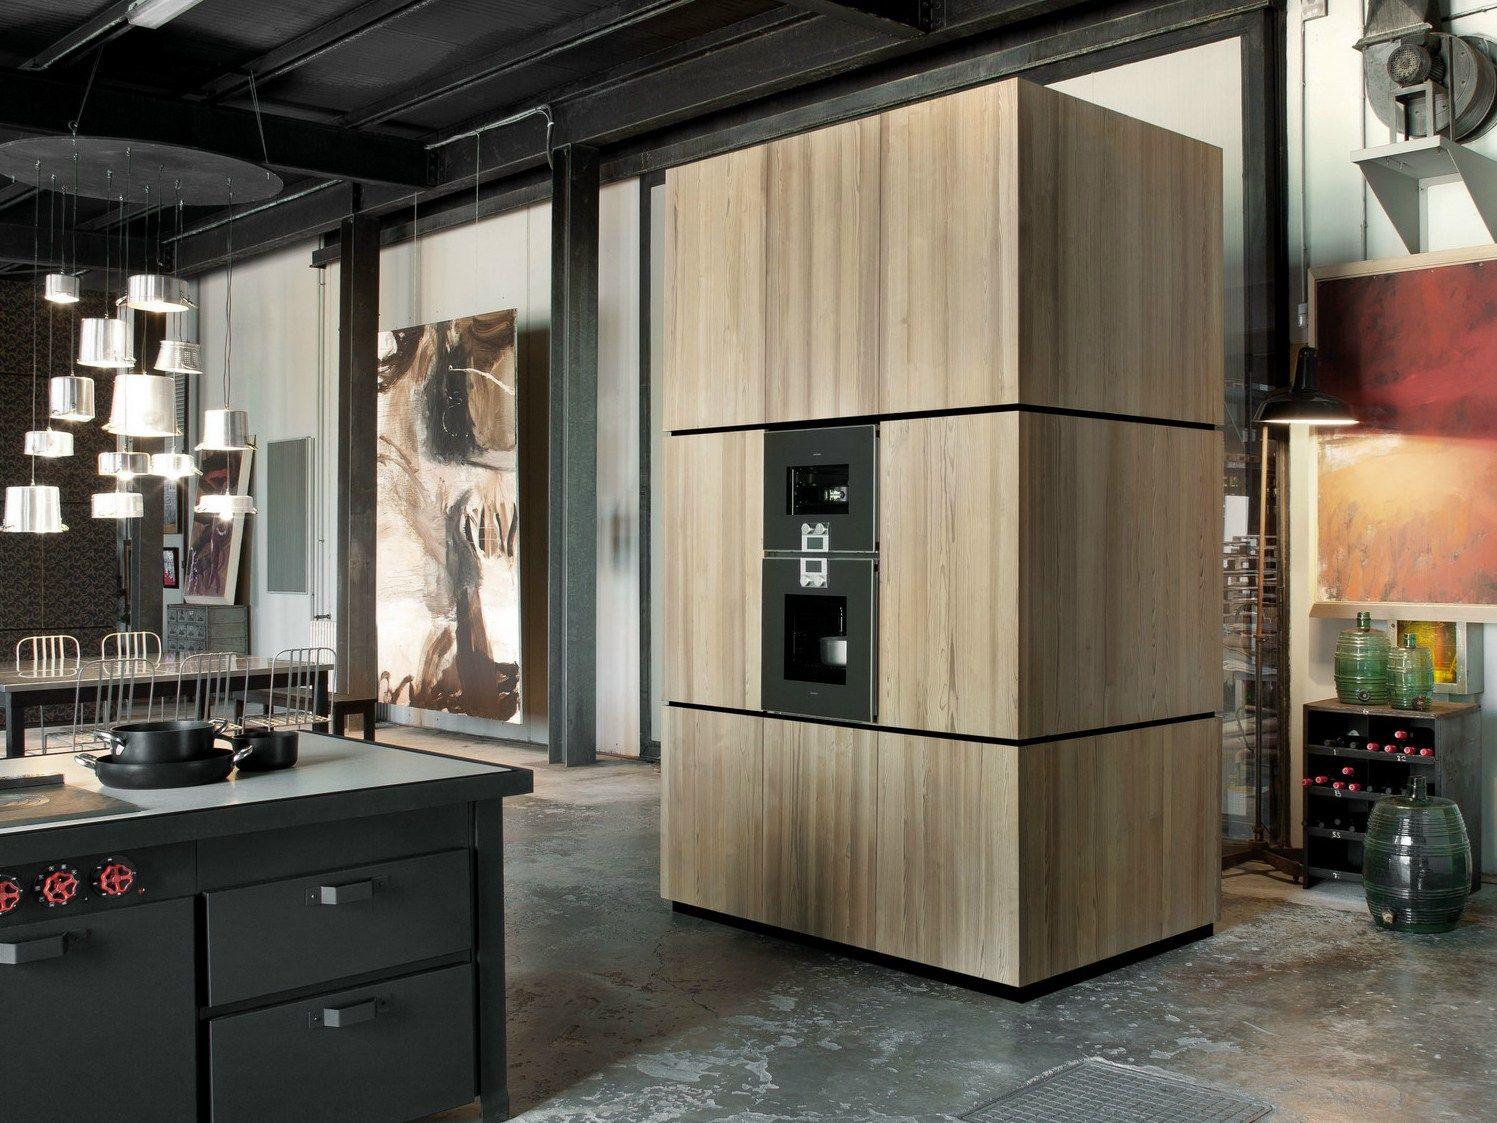 cozinha móveis para cozinha módulos de cozinha independentes #836648 1497x1123